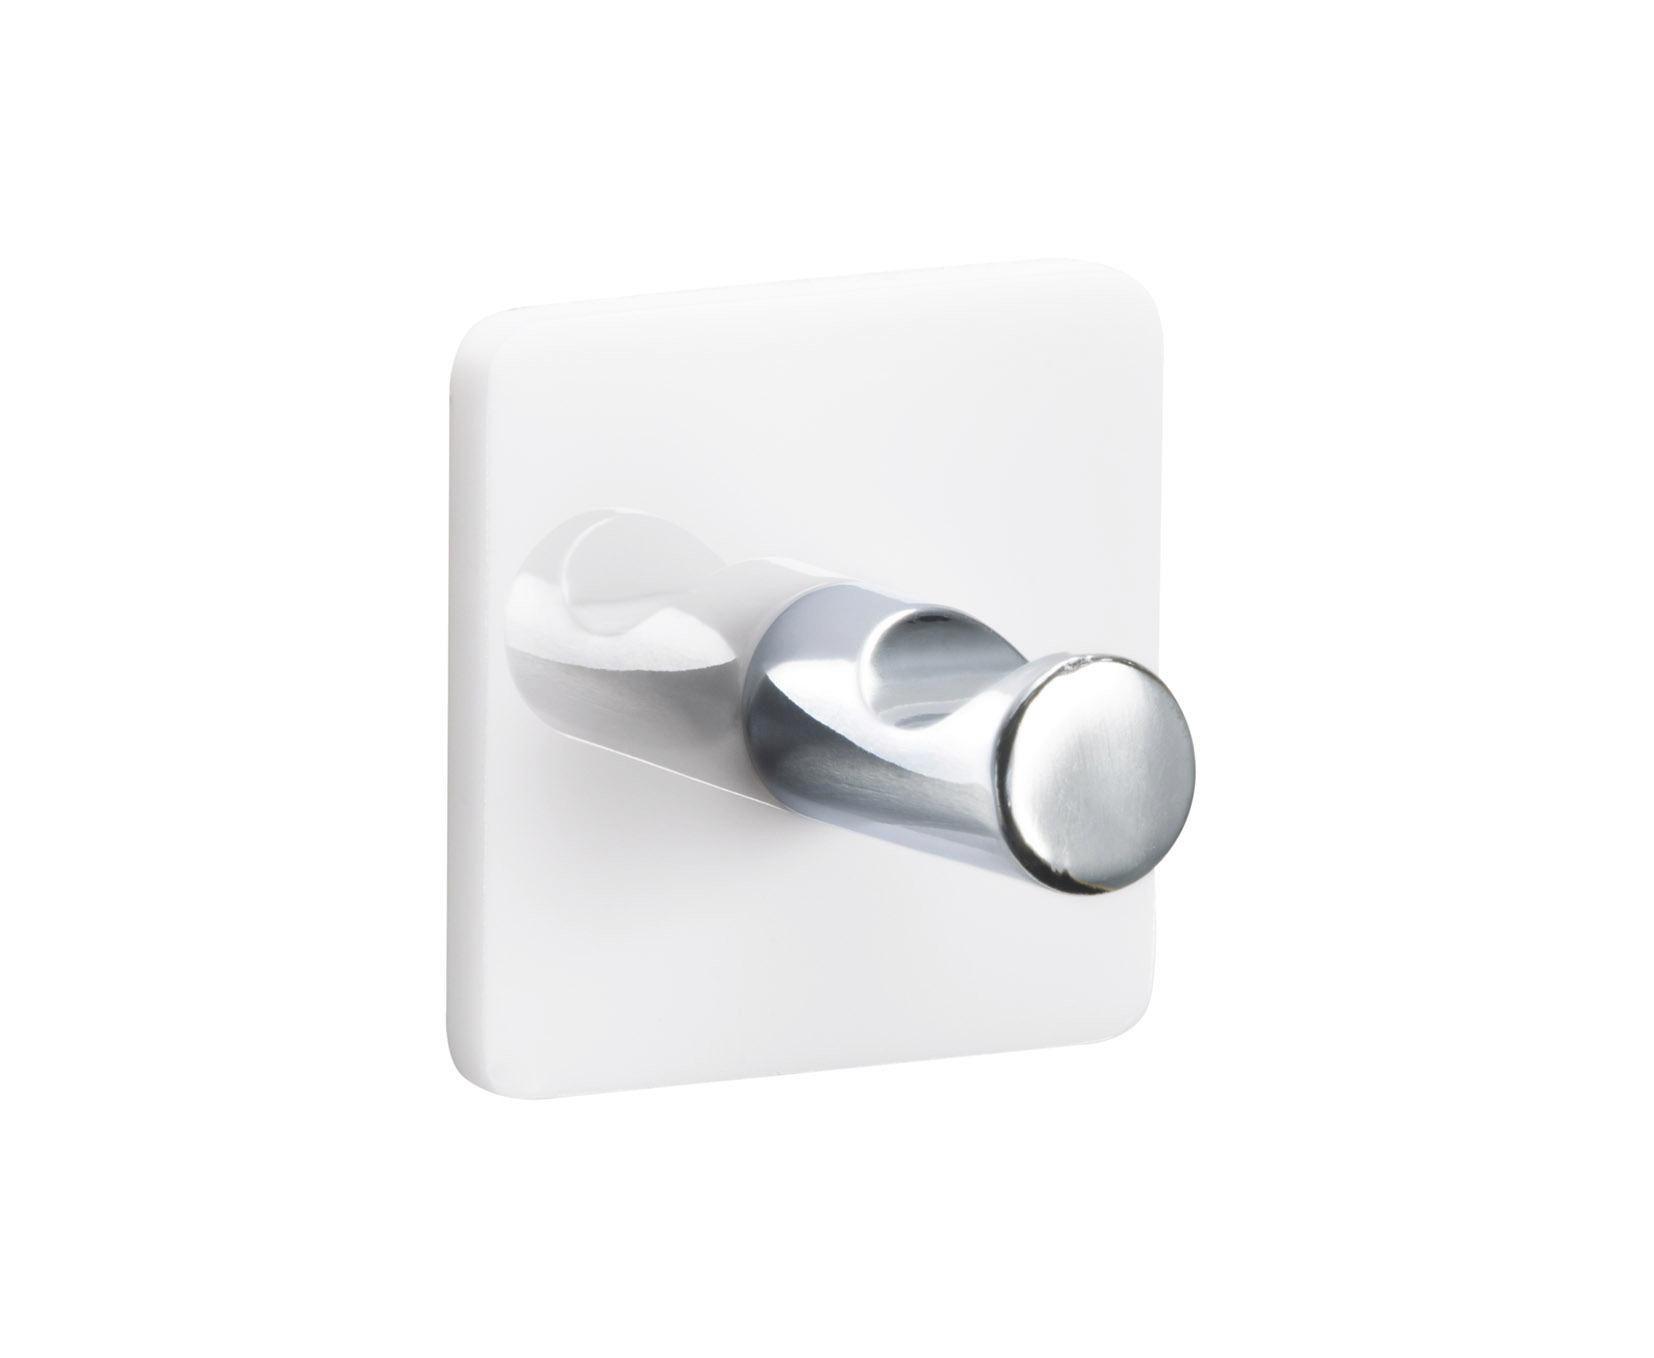 ZIDNA KUKA - bijela, plastika (5/5cm)